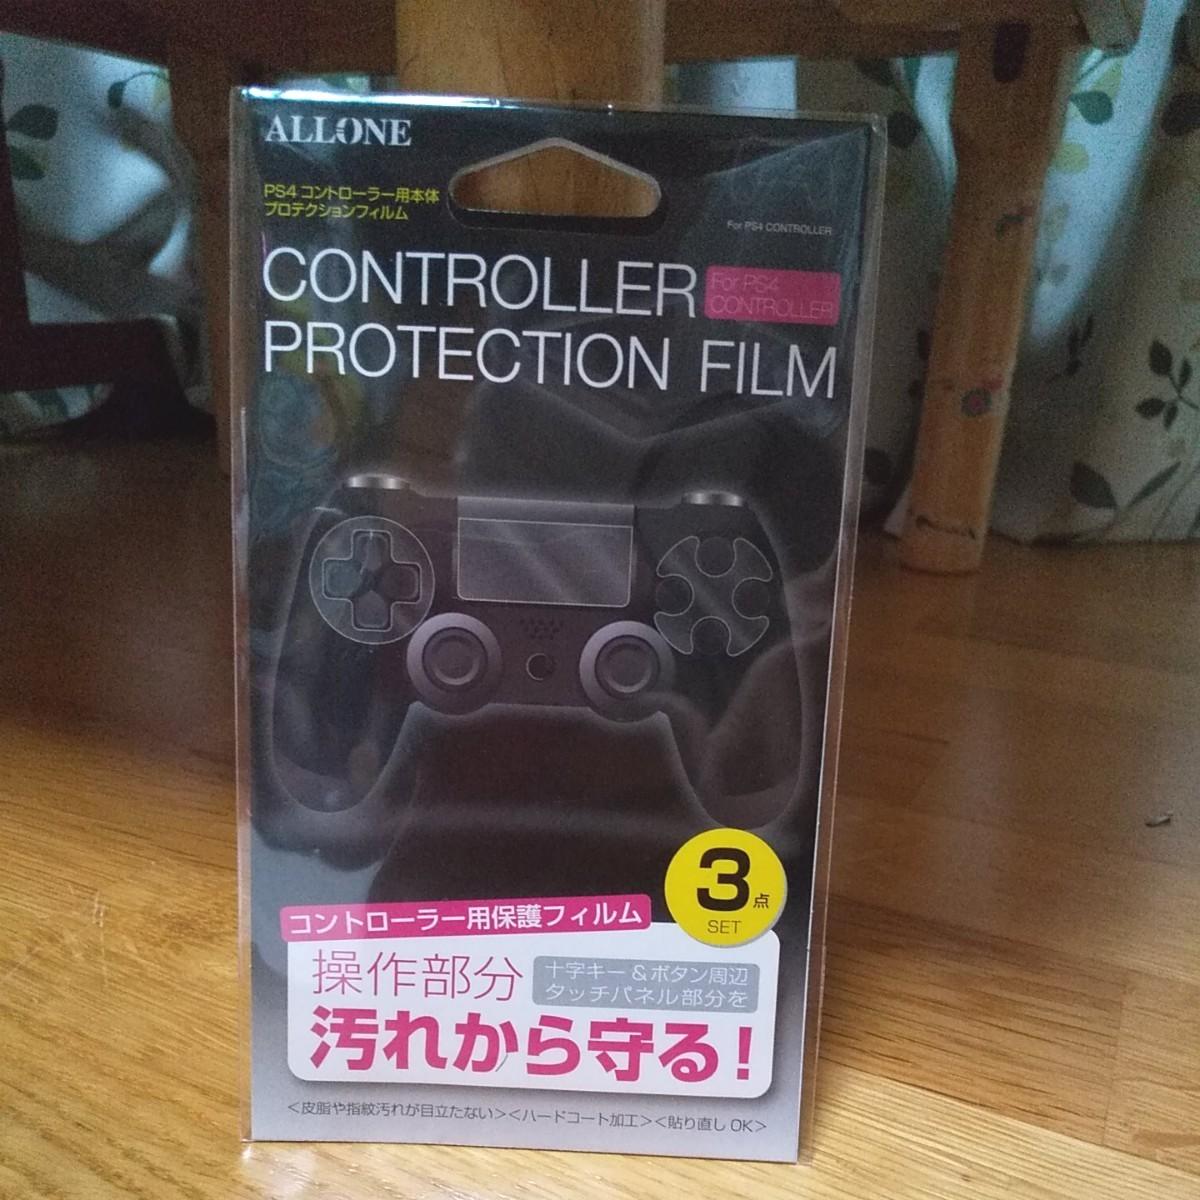 PS4コントローラー用 プロテクションフィルム ALG-PS4CPF